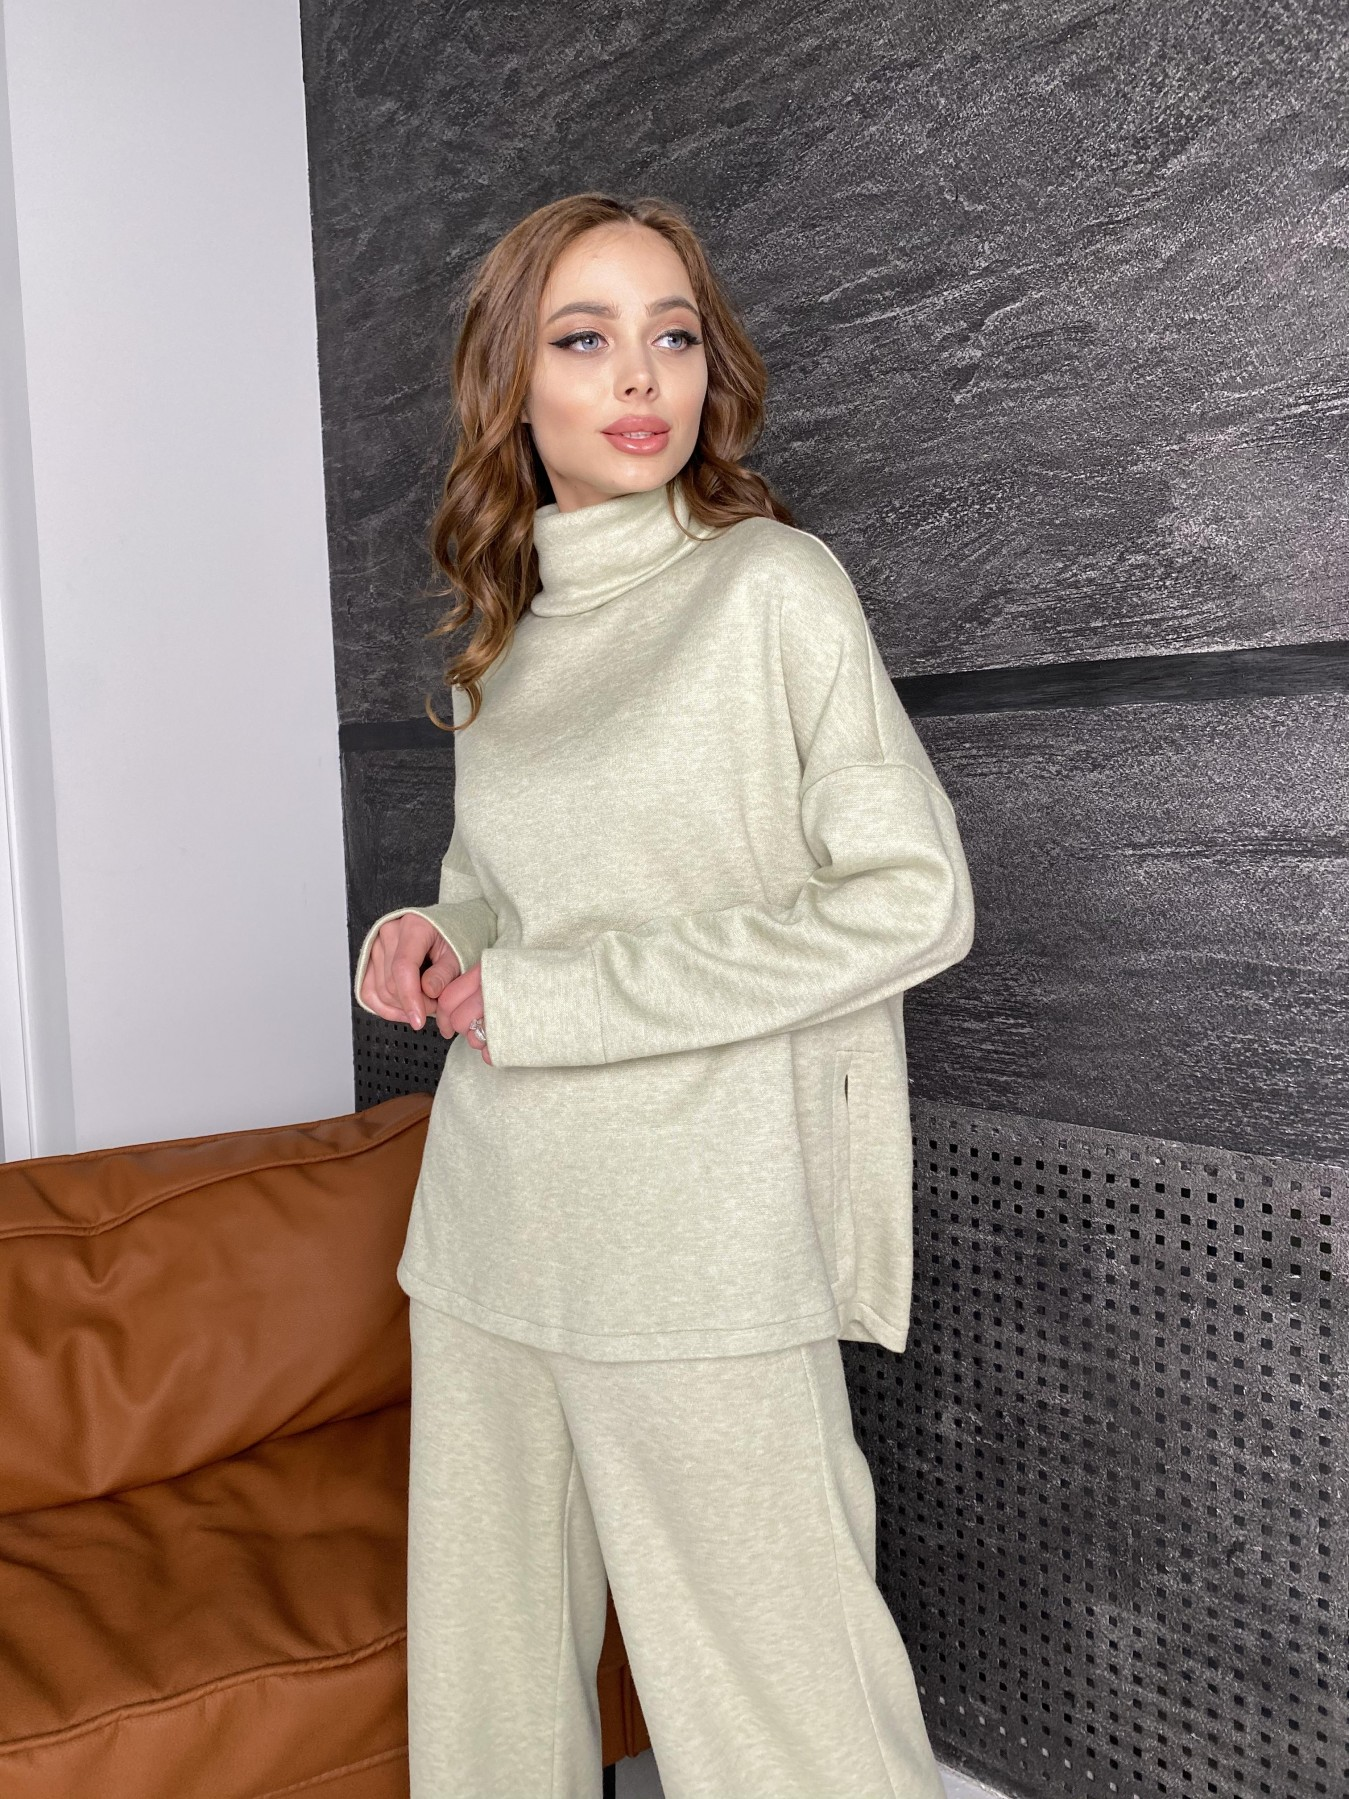 Лав Ю костюм из ангоры 10531 АРТ. 46873 Цвет: Фисташковый - фото 2, интернет магазин tm-modus.ru